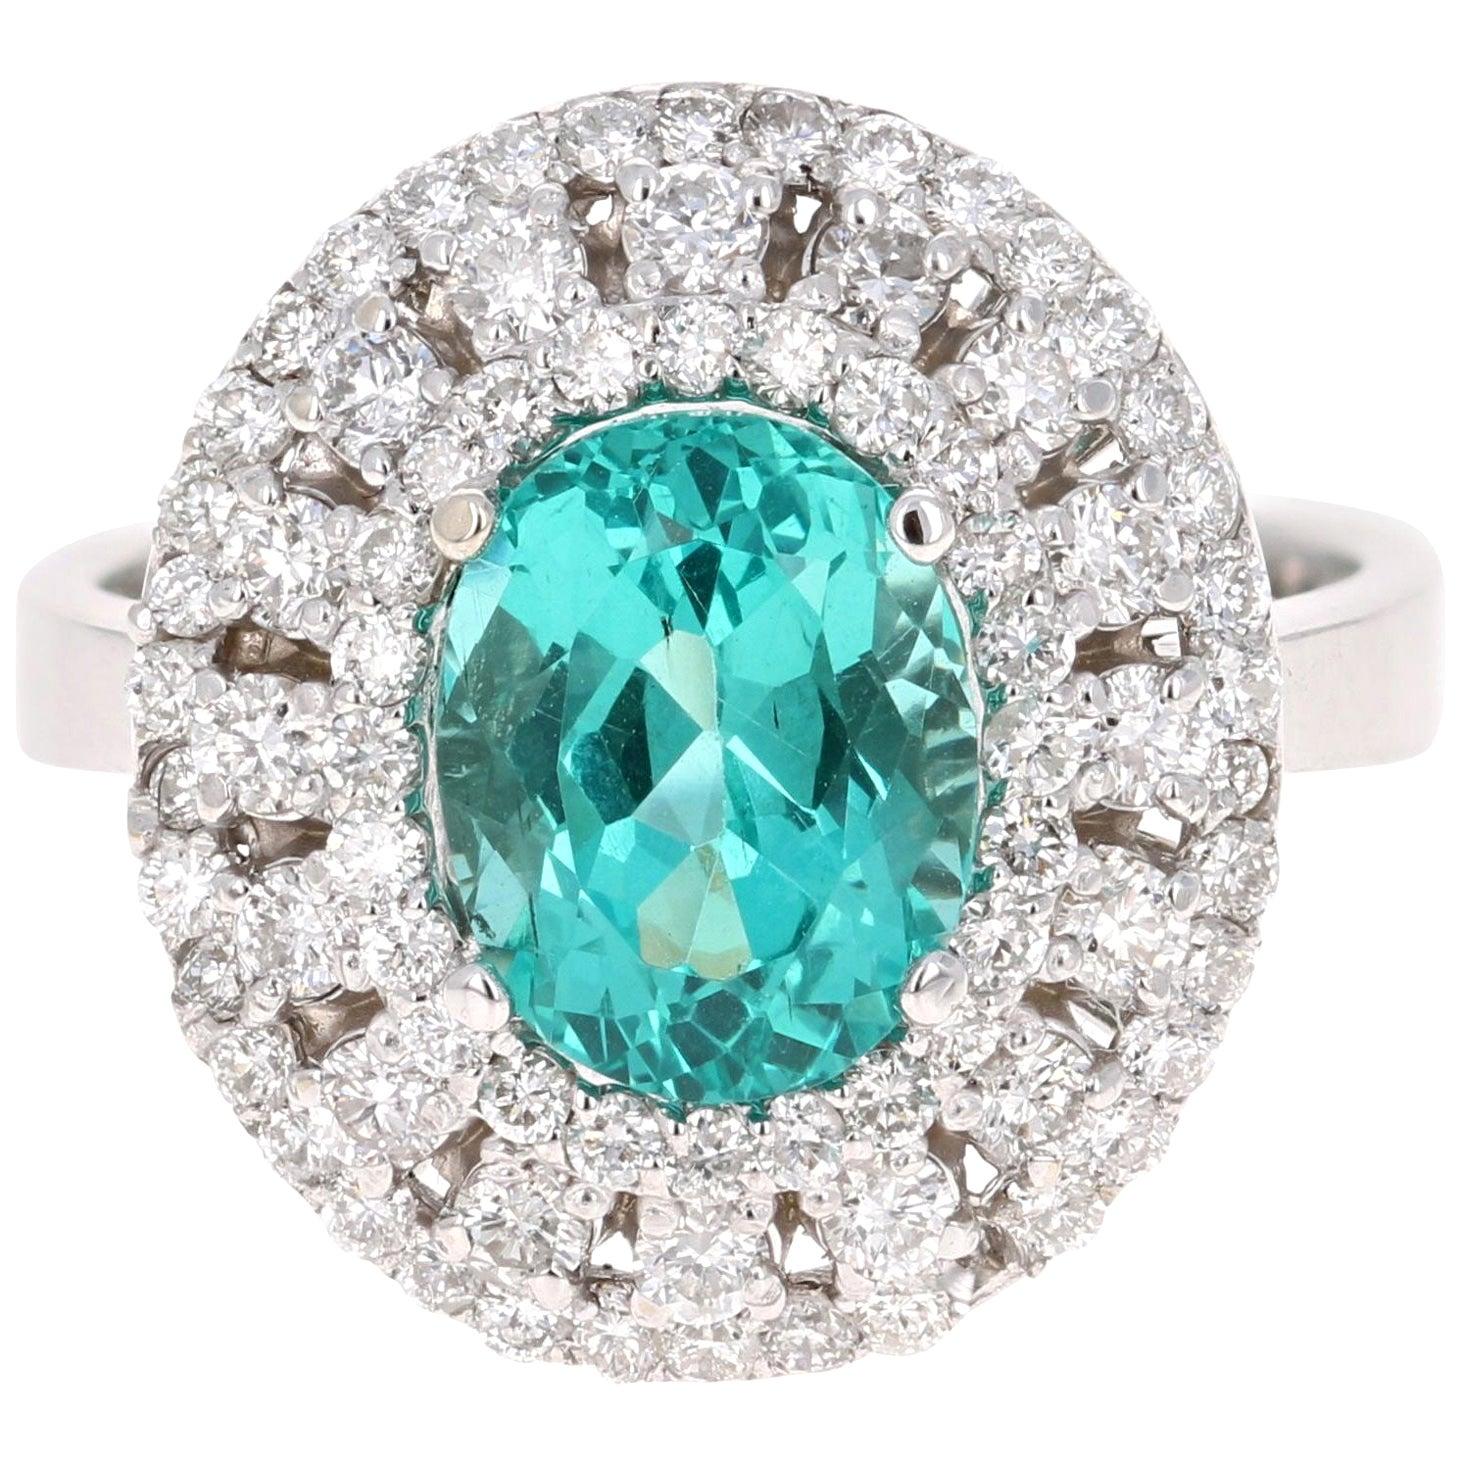 3.71 Carat Apatite Diamond Ring 14 Karat White Gold Cocktail Ring